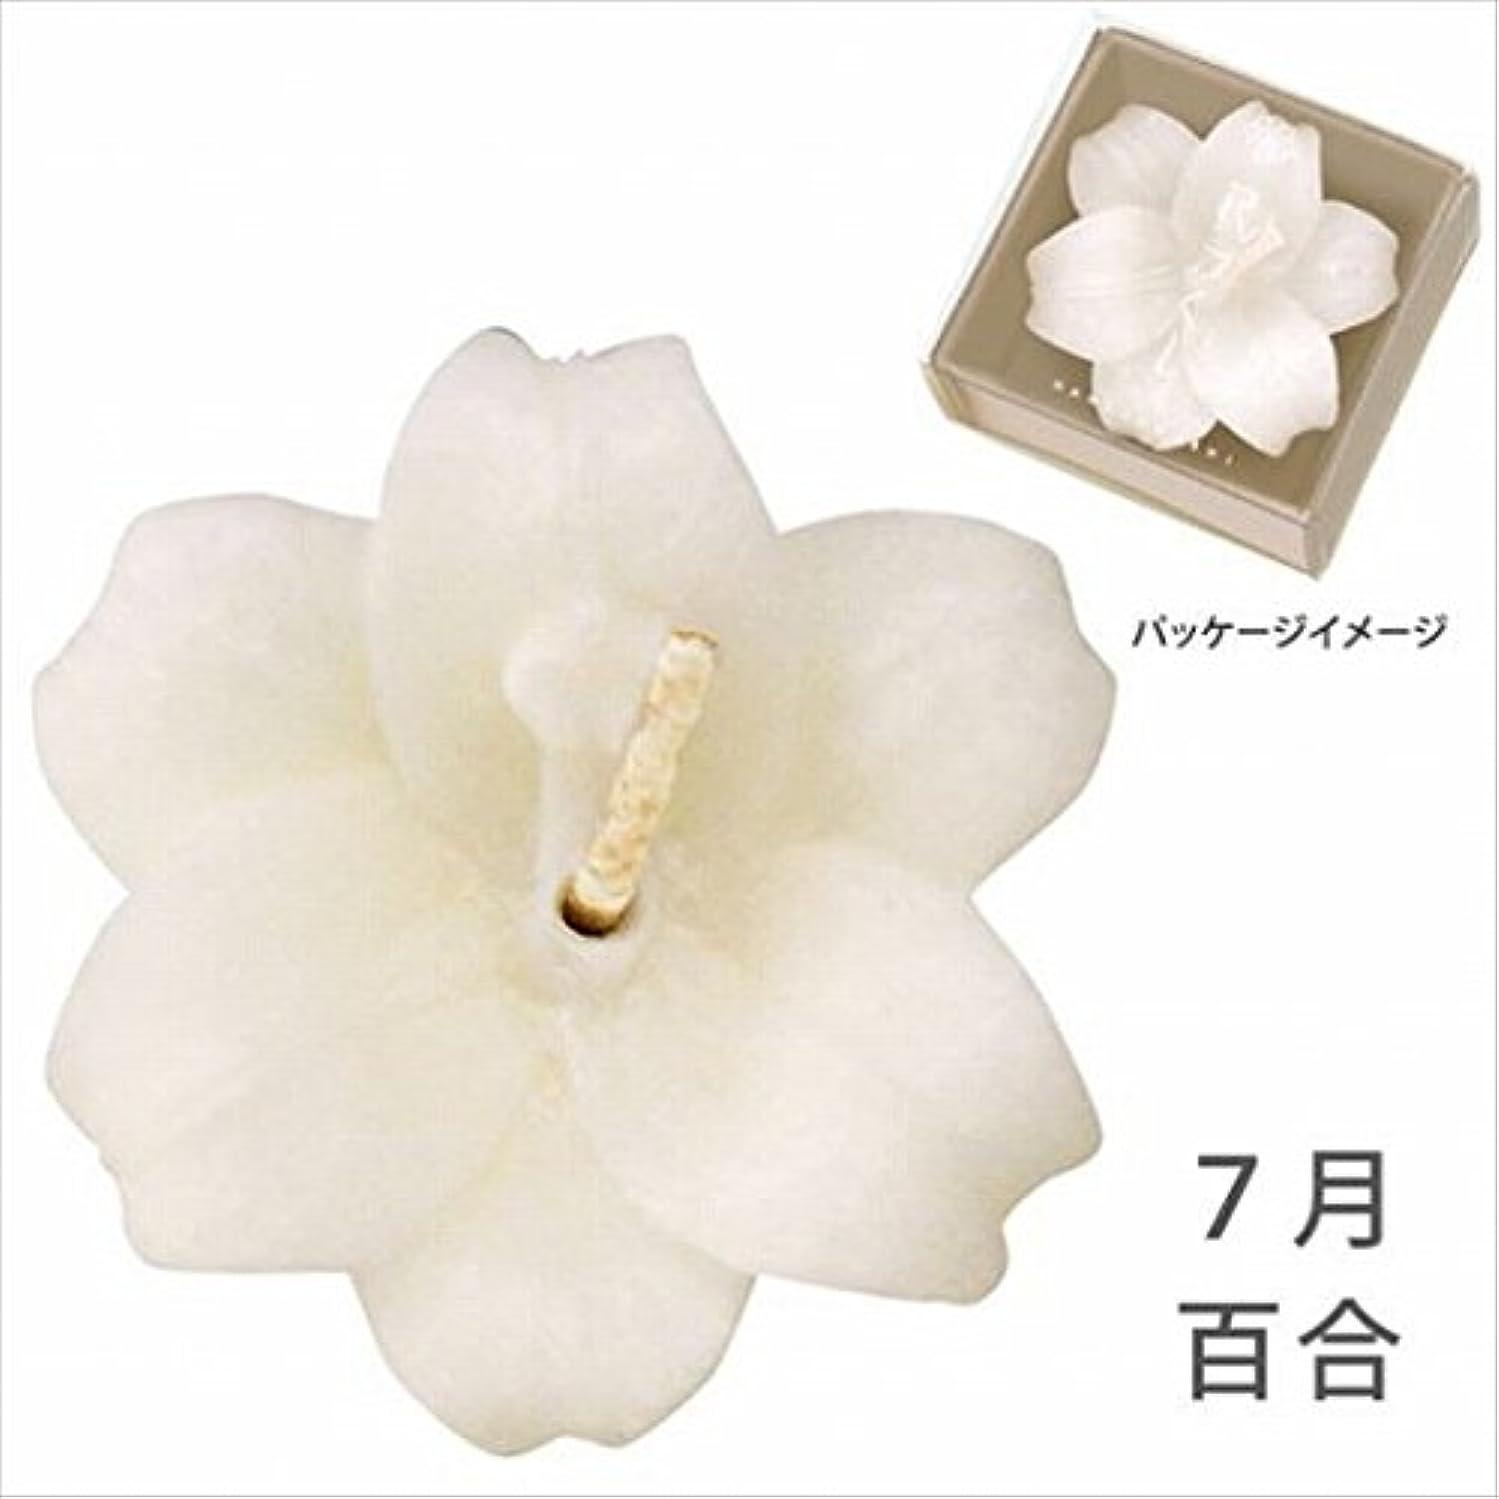 生む癌謙虚カメヤマキャンドル(kameyama candle) 花づくし(植物性) 百合 「 百合(7月) 」 キャンドル